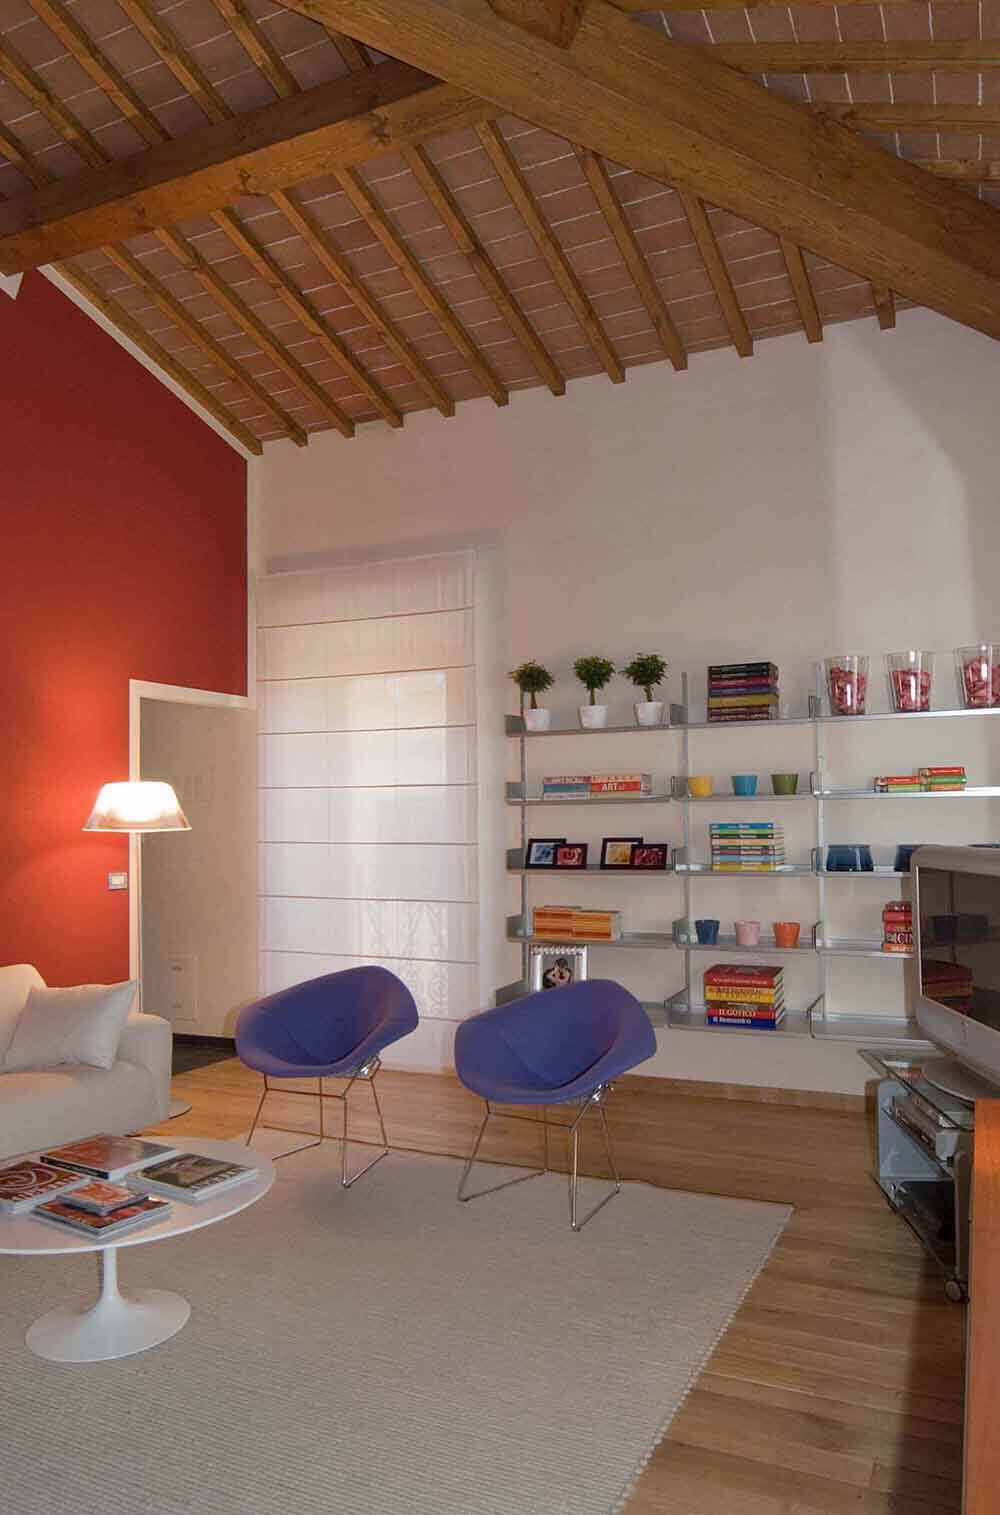 Interior_02.jpg